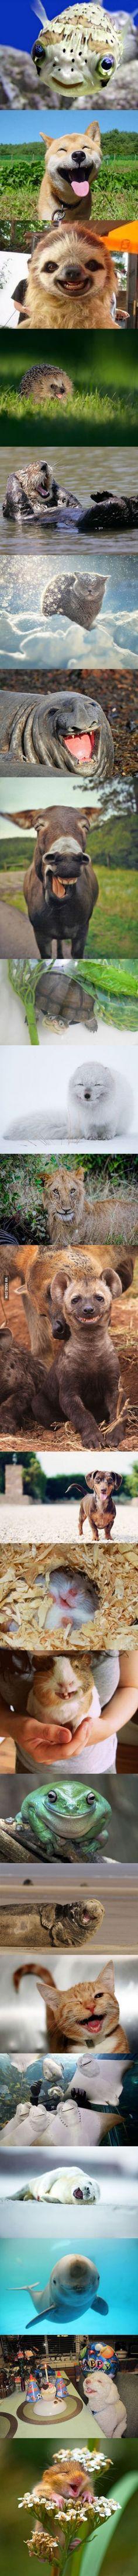 Los animales más felices del mkundo!